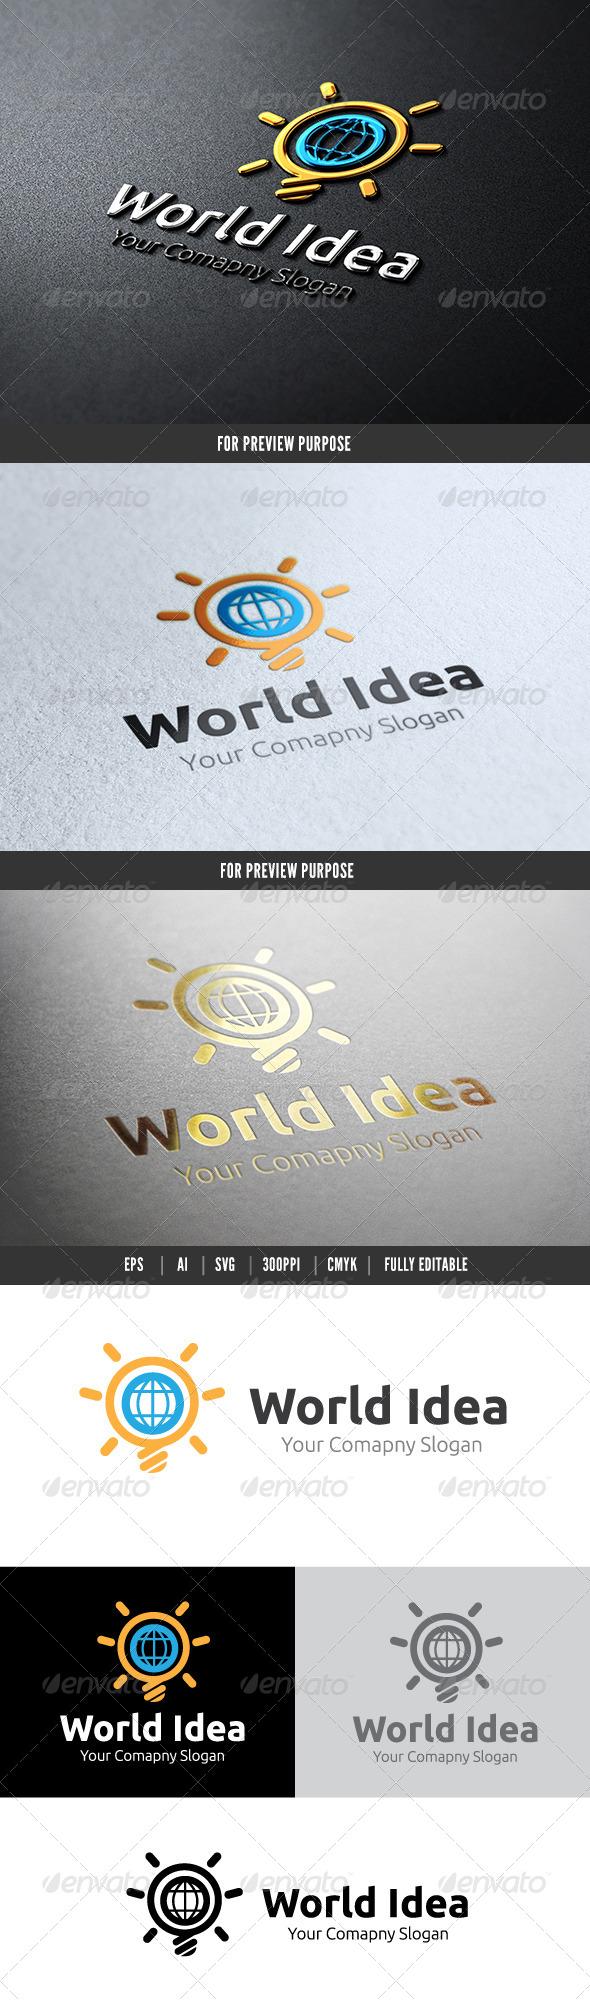 GraphicRiver World Idea 6525642